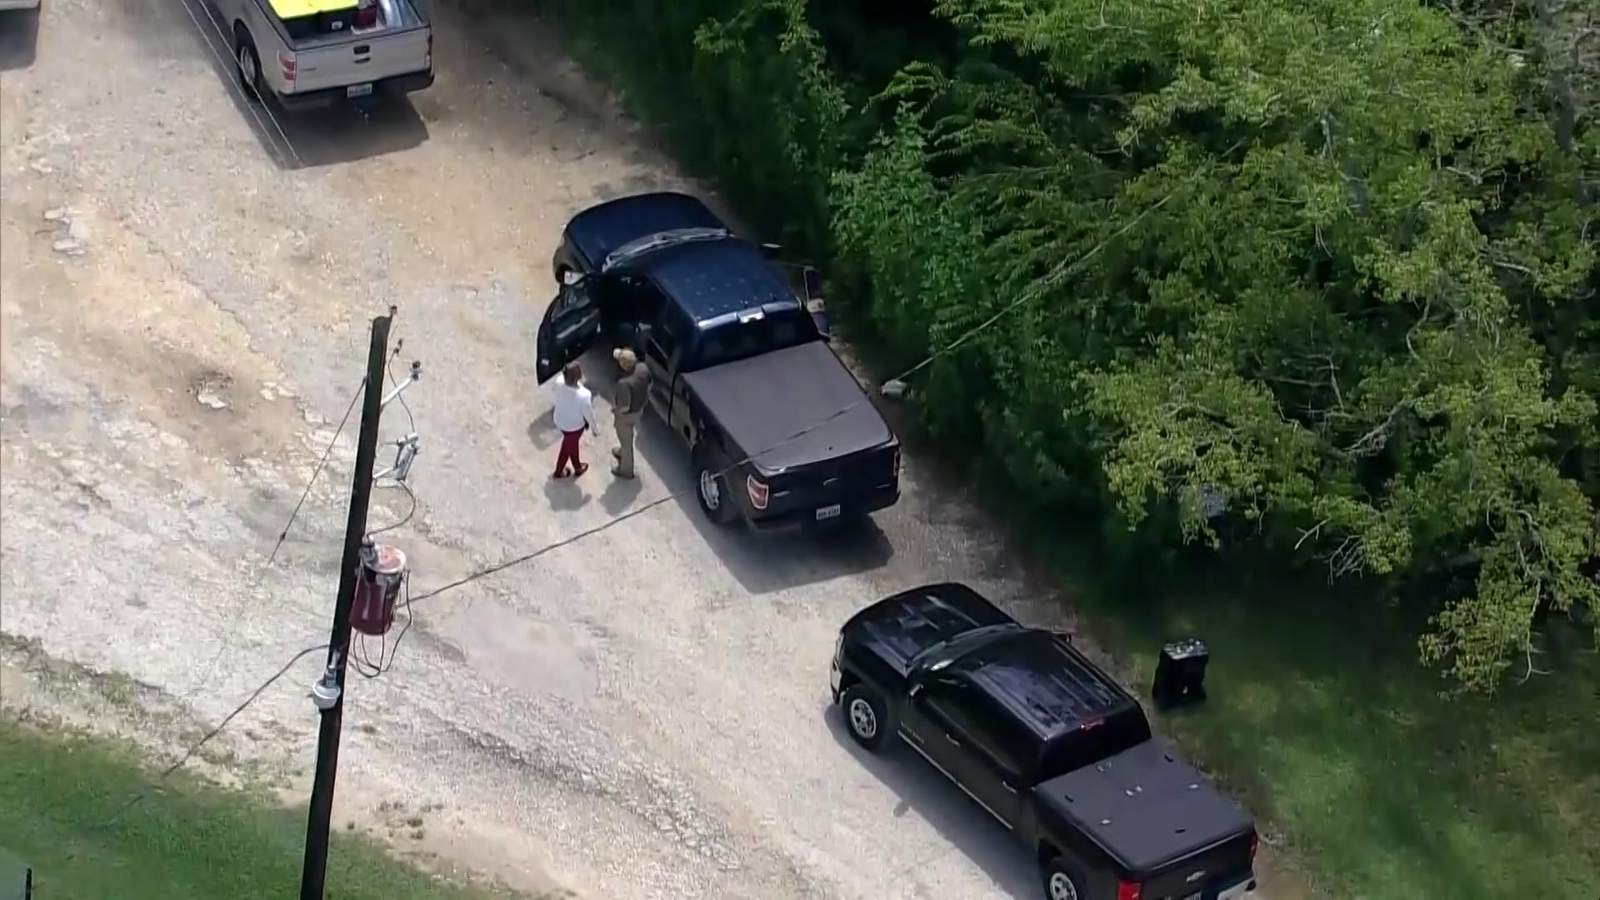 3 muertos, 2 heridos en tiroteos en el condado de Liberty;  sospechoso encontrado escondido en el bosque, dicen las autoridades